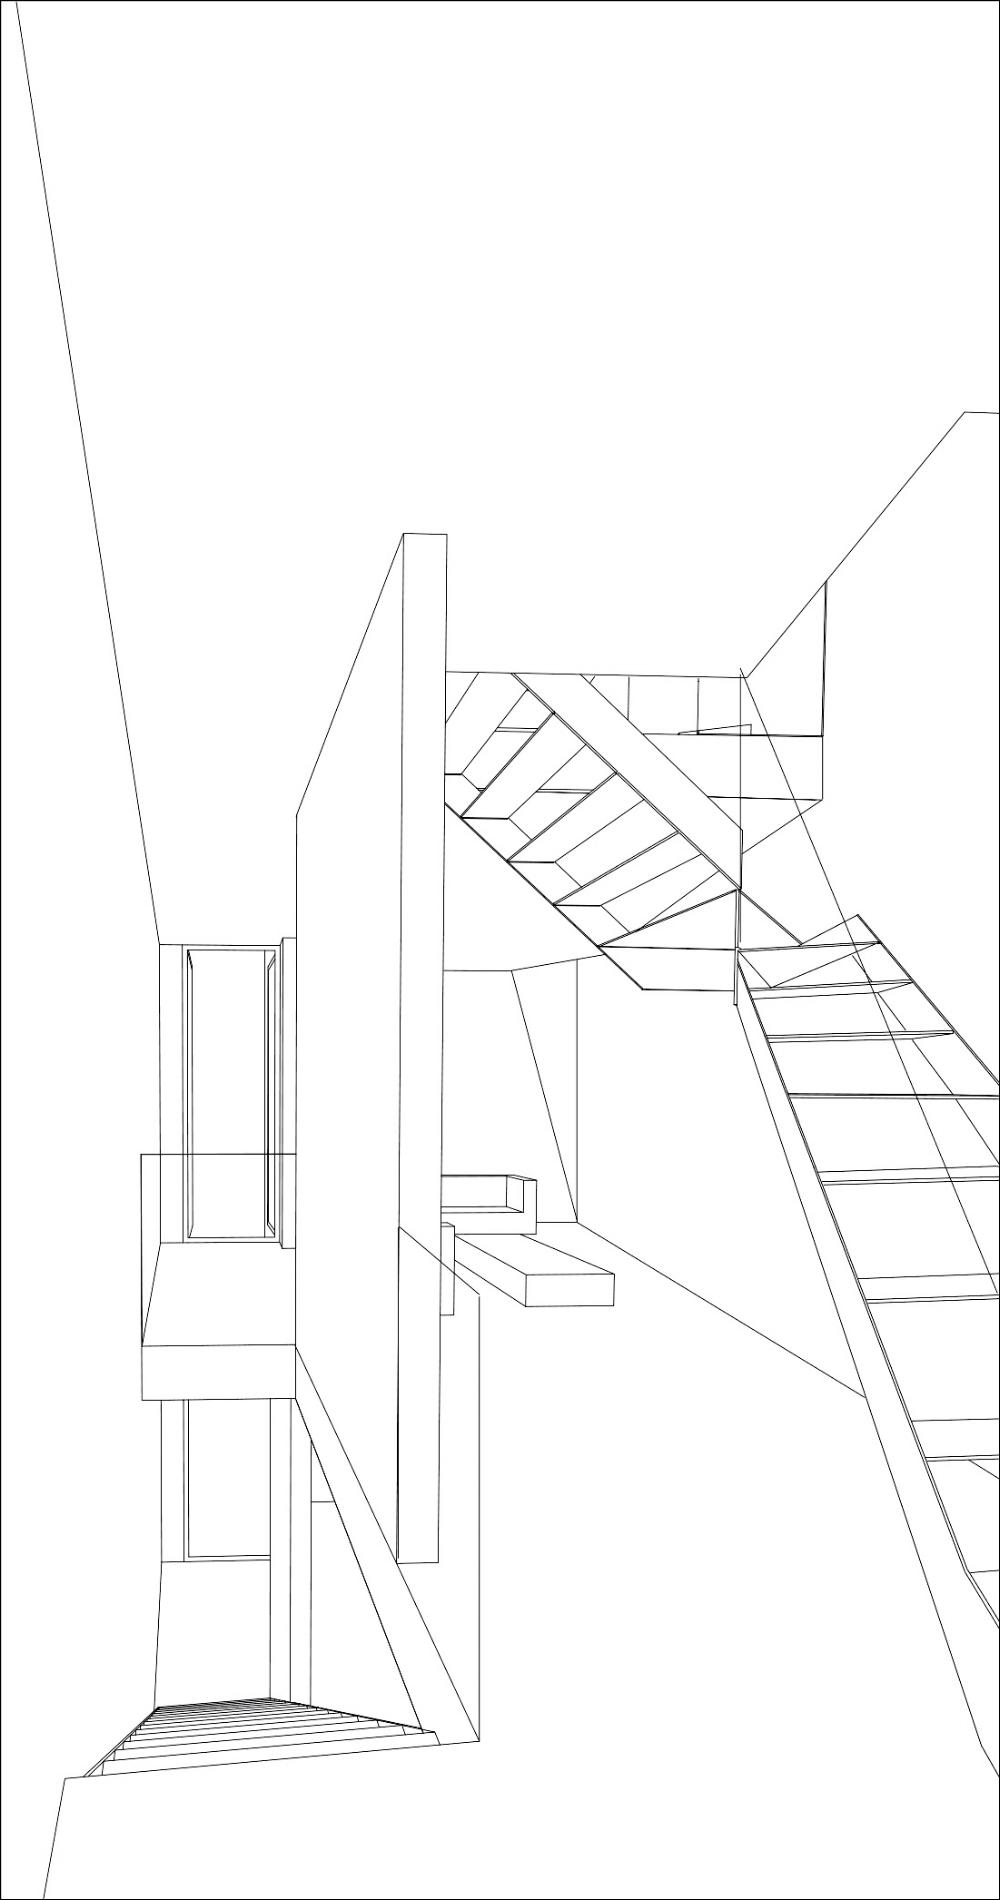 321 - Interiorview_1crop.png